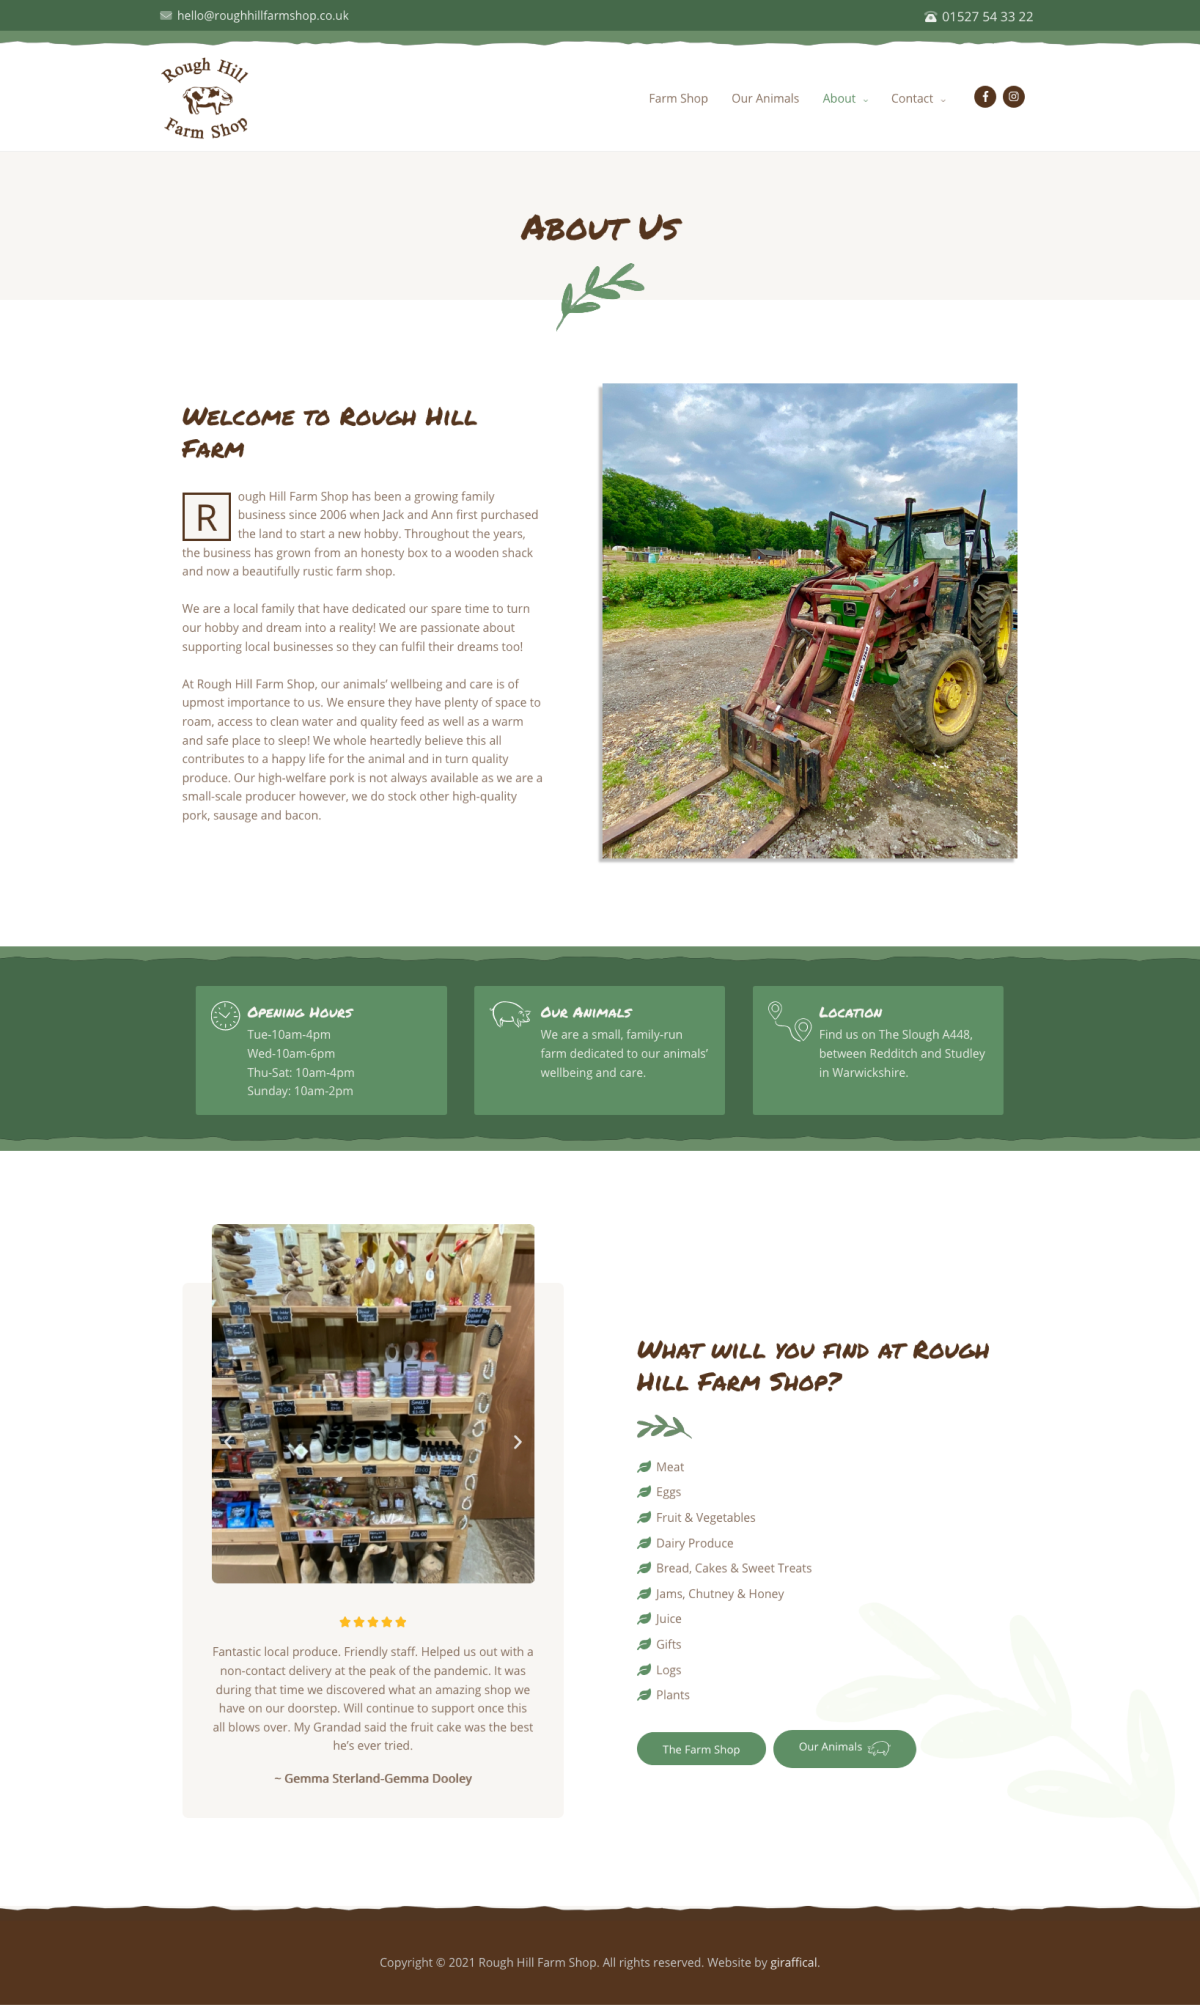 Farm Shop Website Design - Rough Hill Farm - About Page